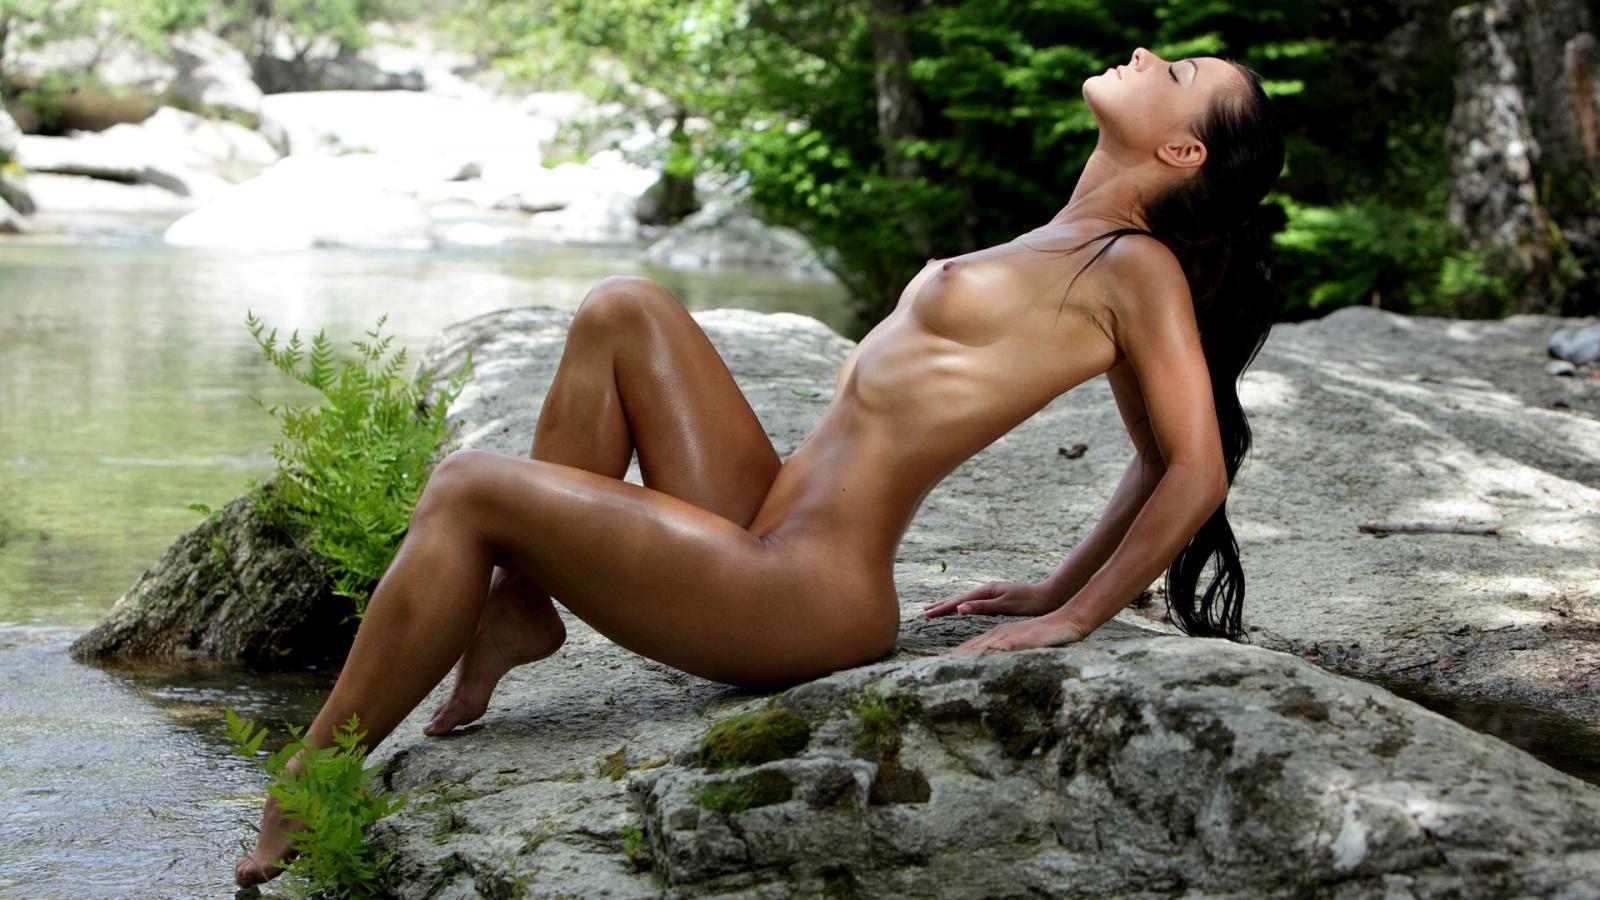 Фото для рабочего столатолько голые девки в большом формате 16 фотография